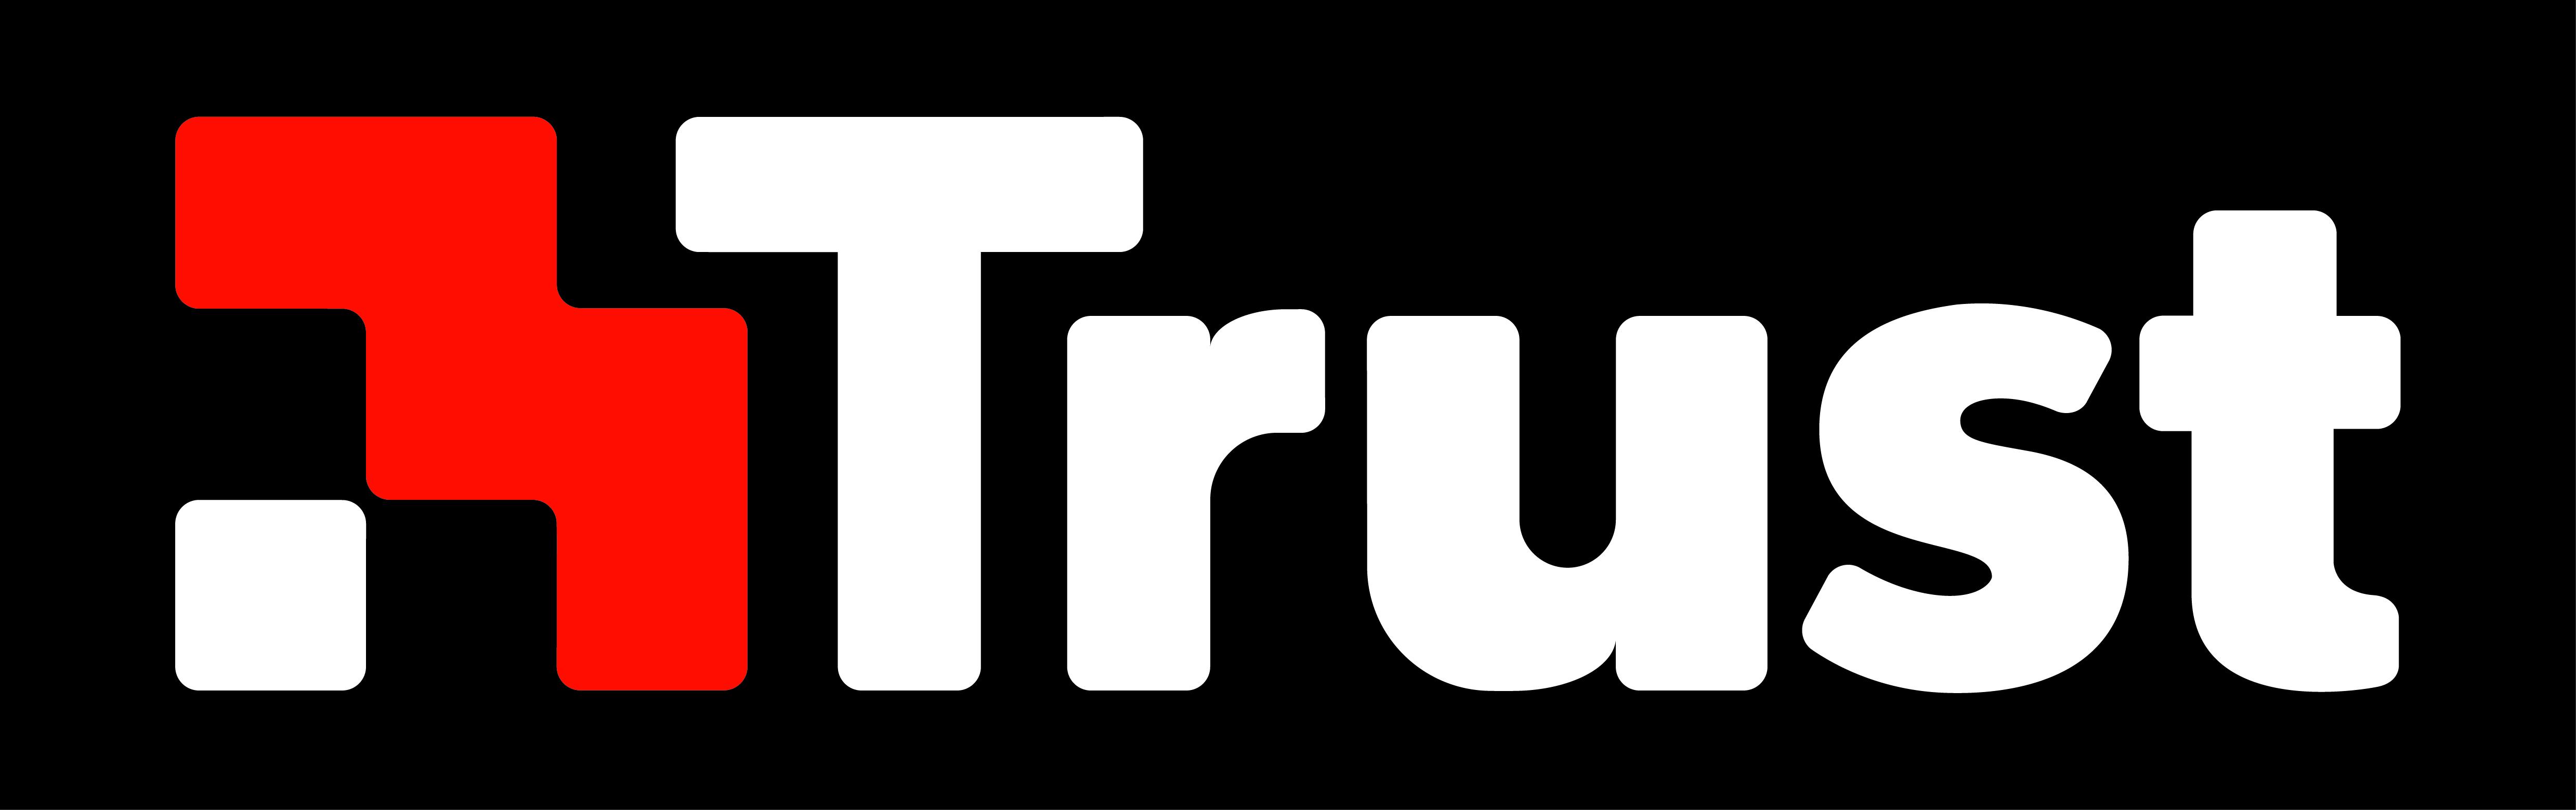 Resultado de imagen para trust logo